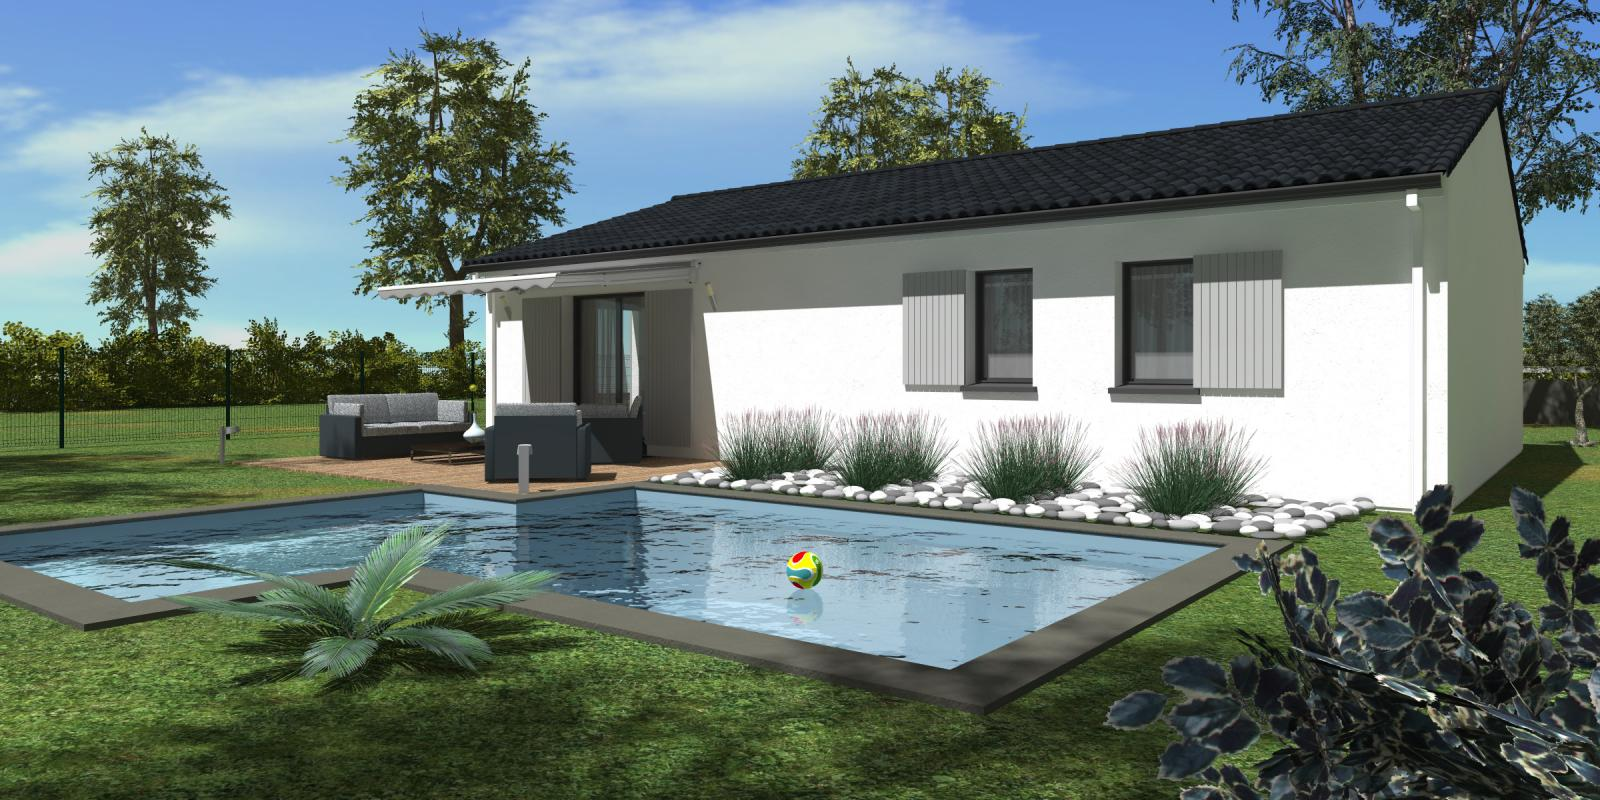 Maisons + Terrains du constructeur GIB CONSTRUCTION • 100 m² • SAINT AVIT SAINT NAZAIRE